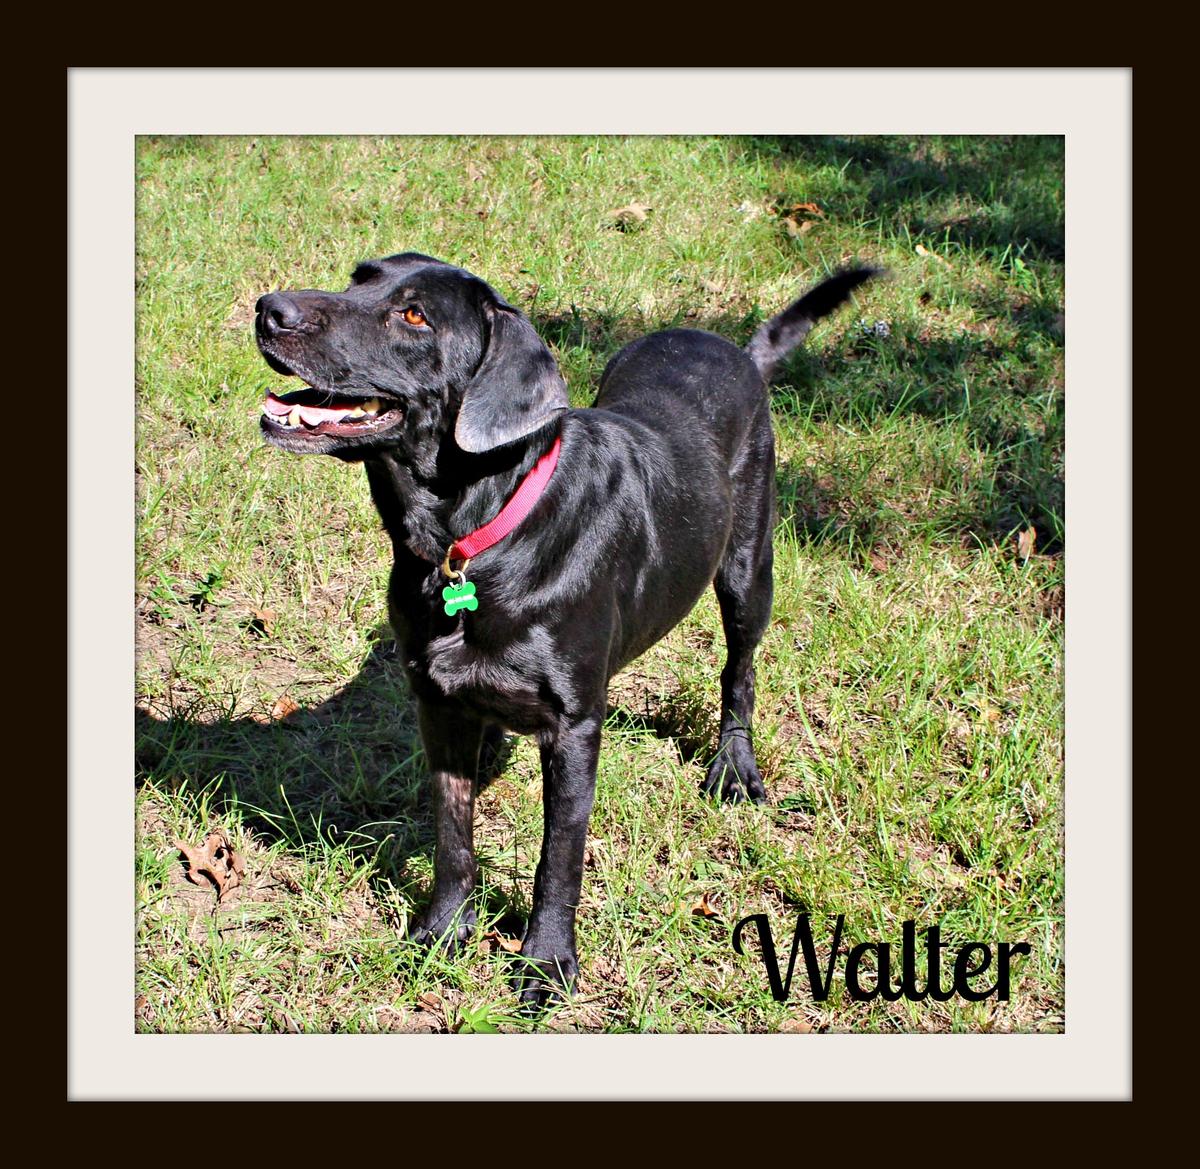 Walter stand3cvr.jpg